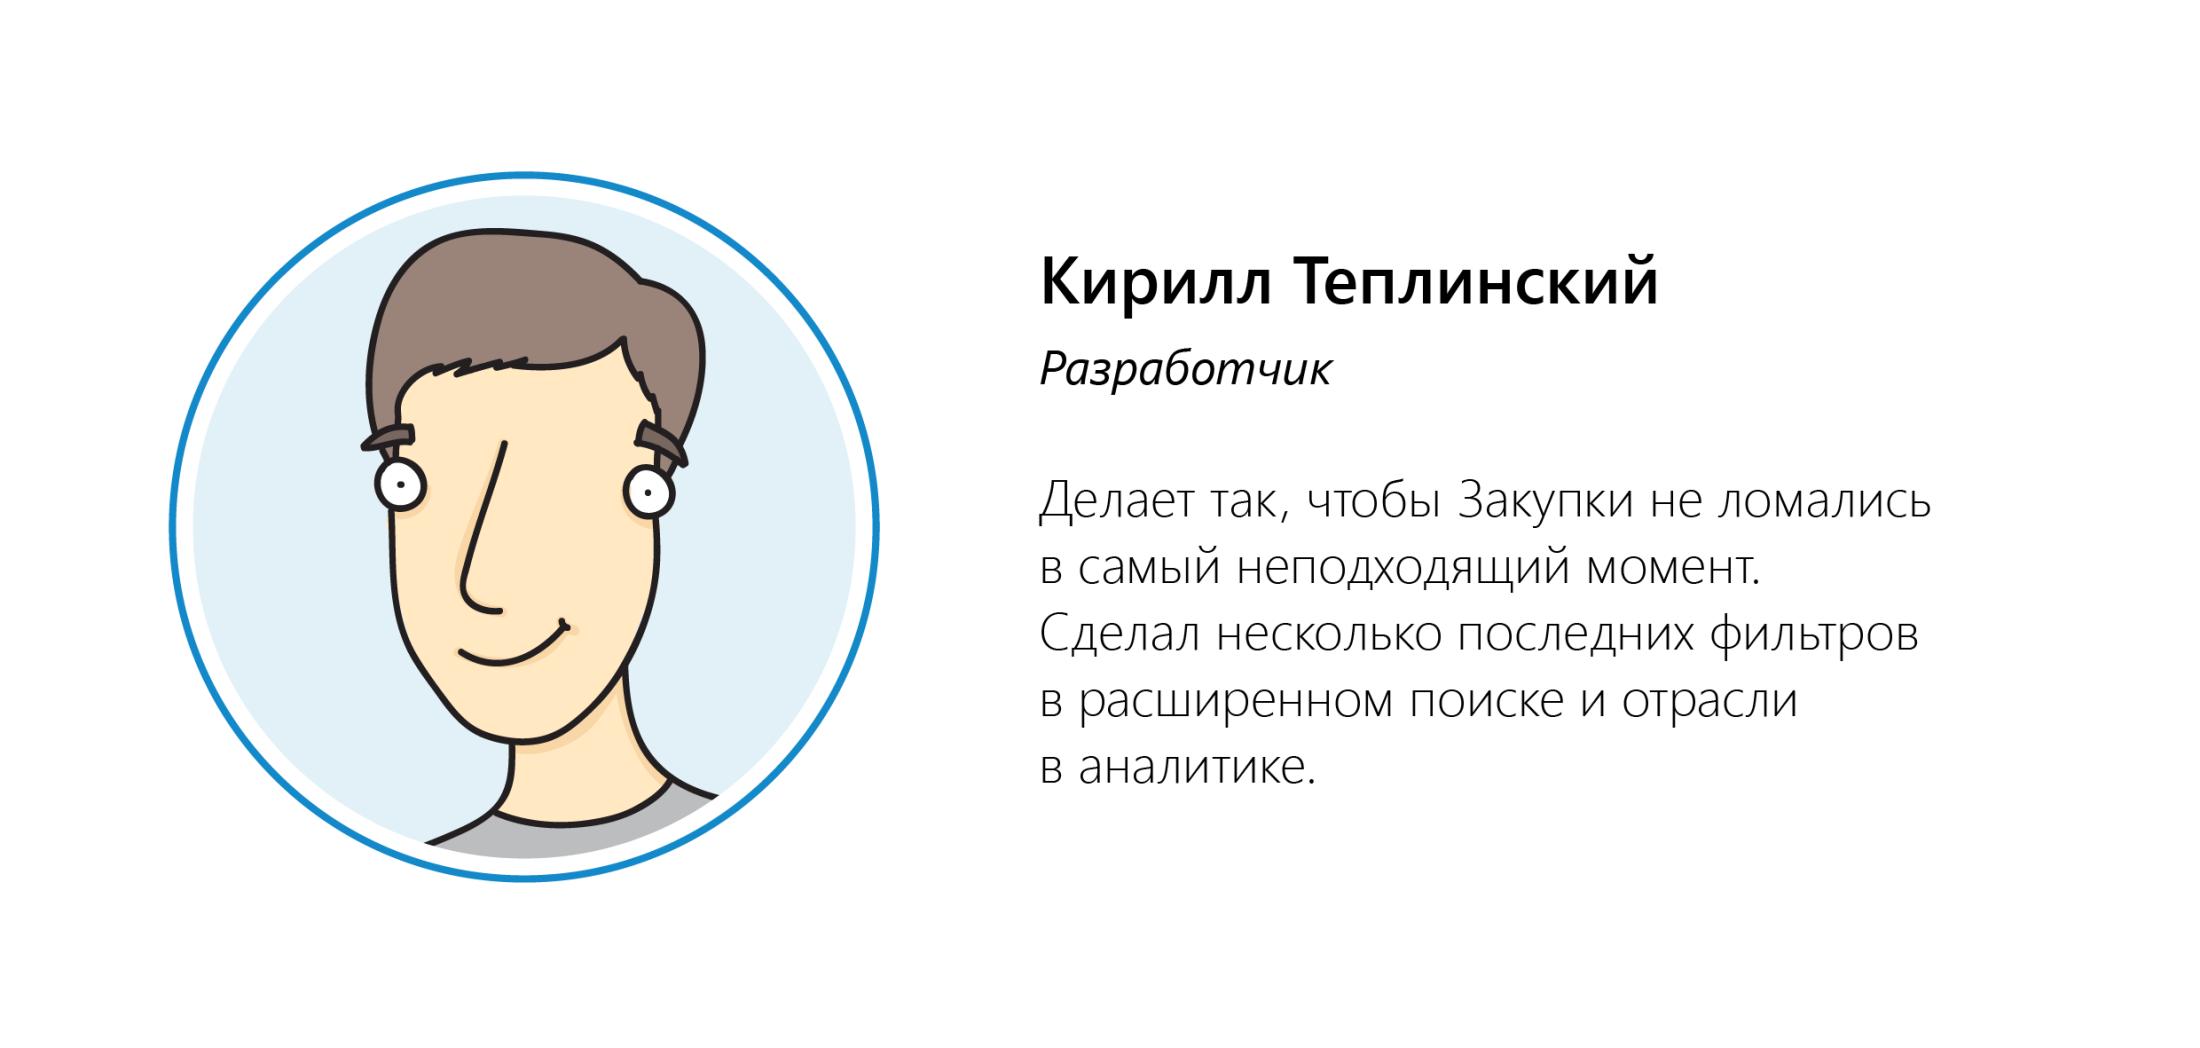 Кирилл Теплинский